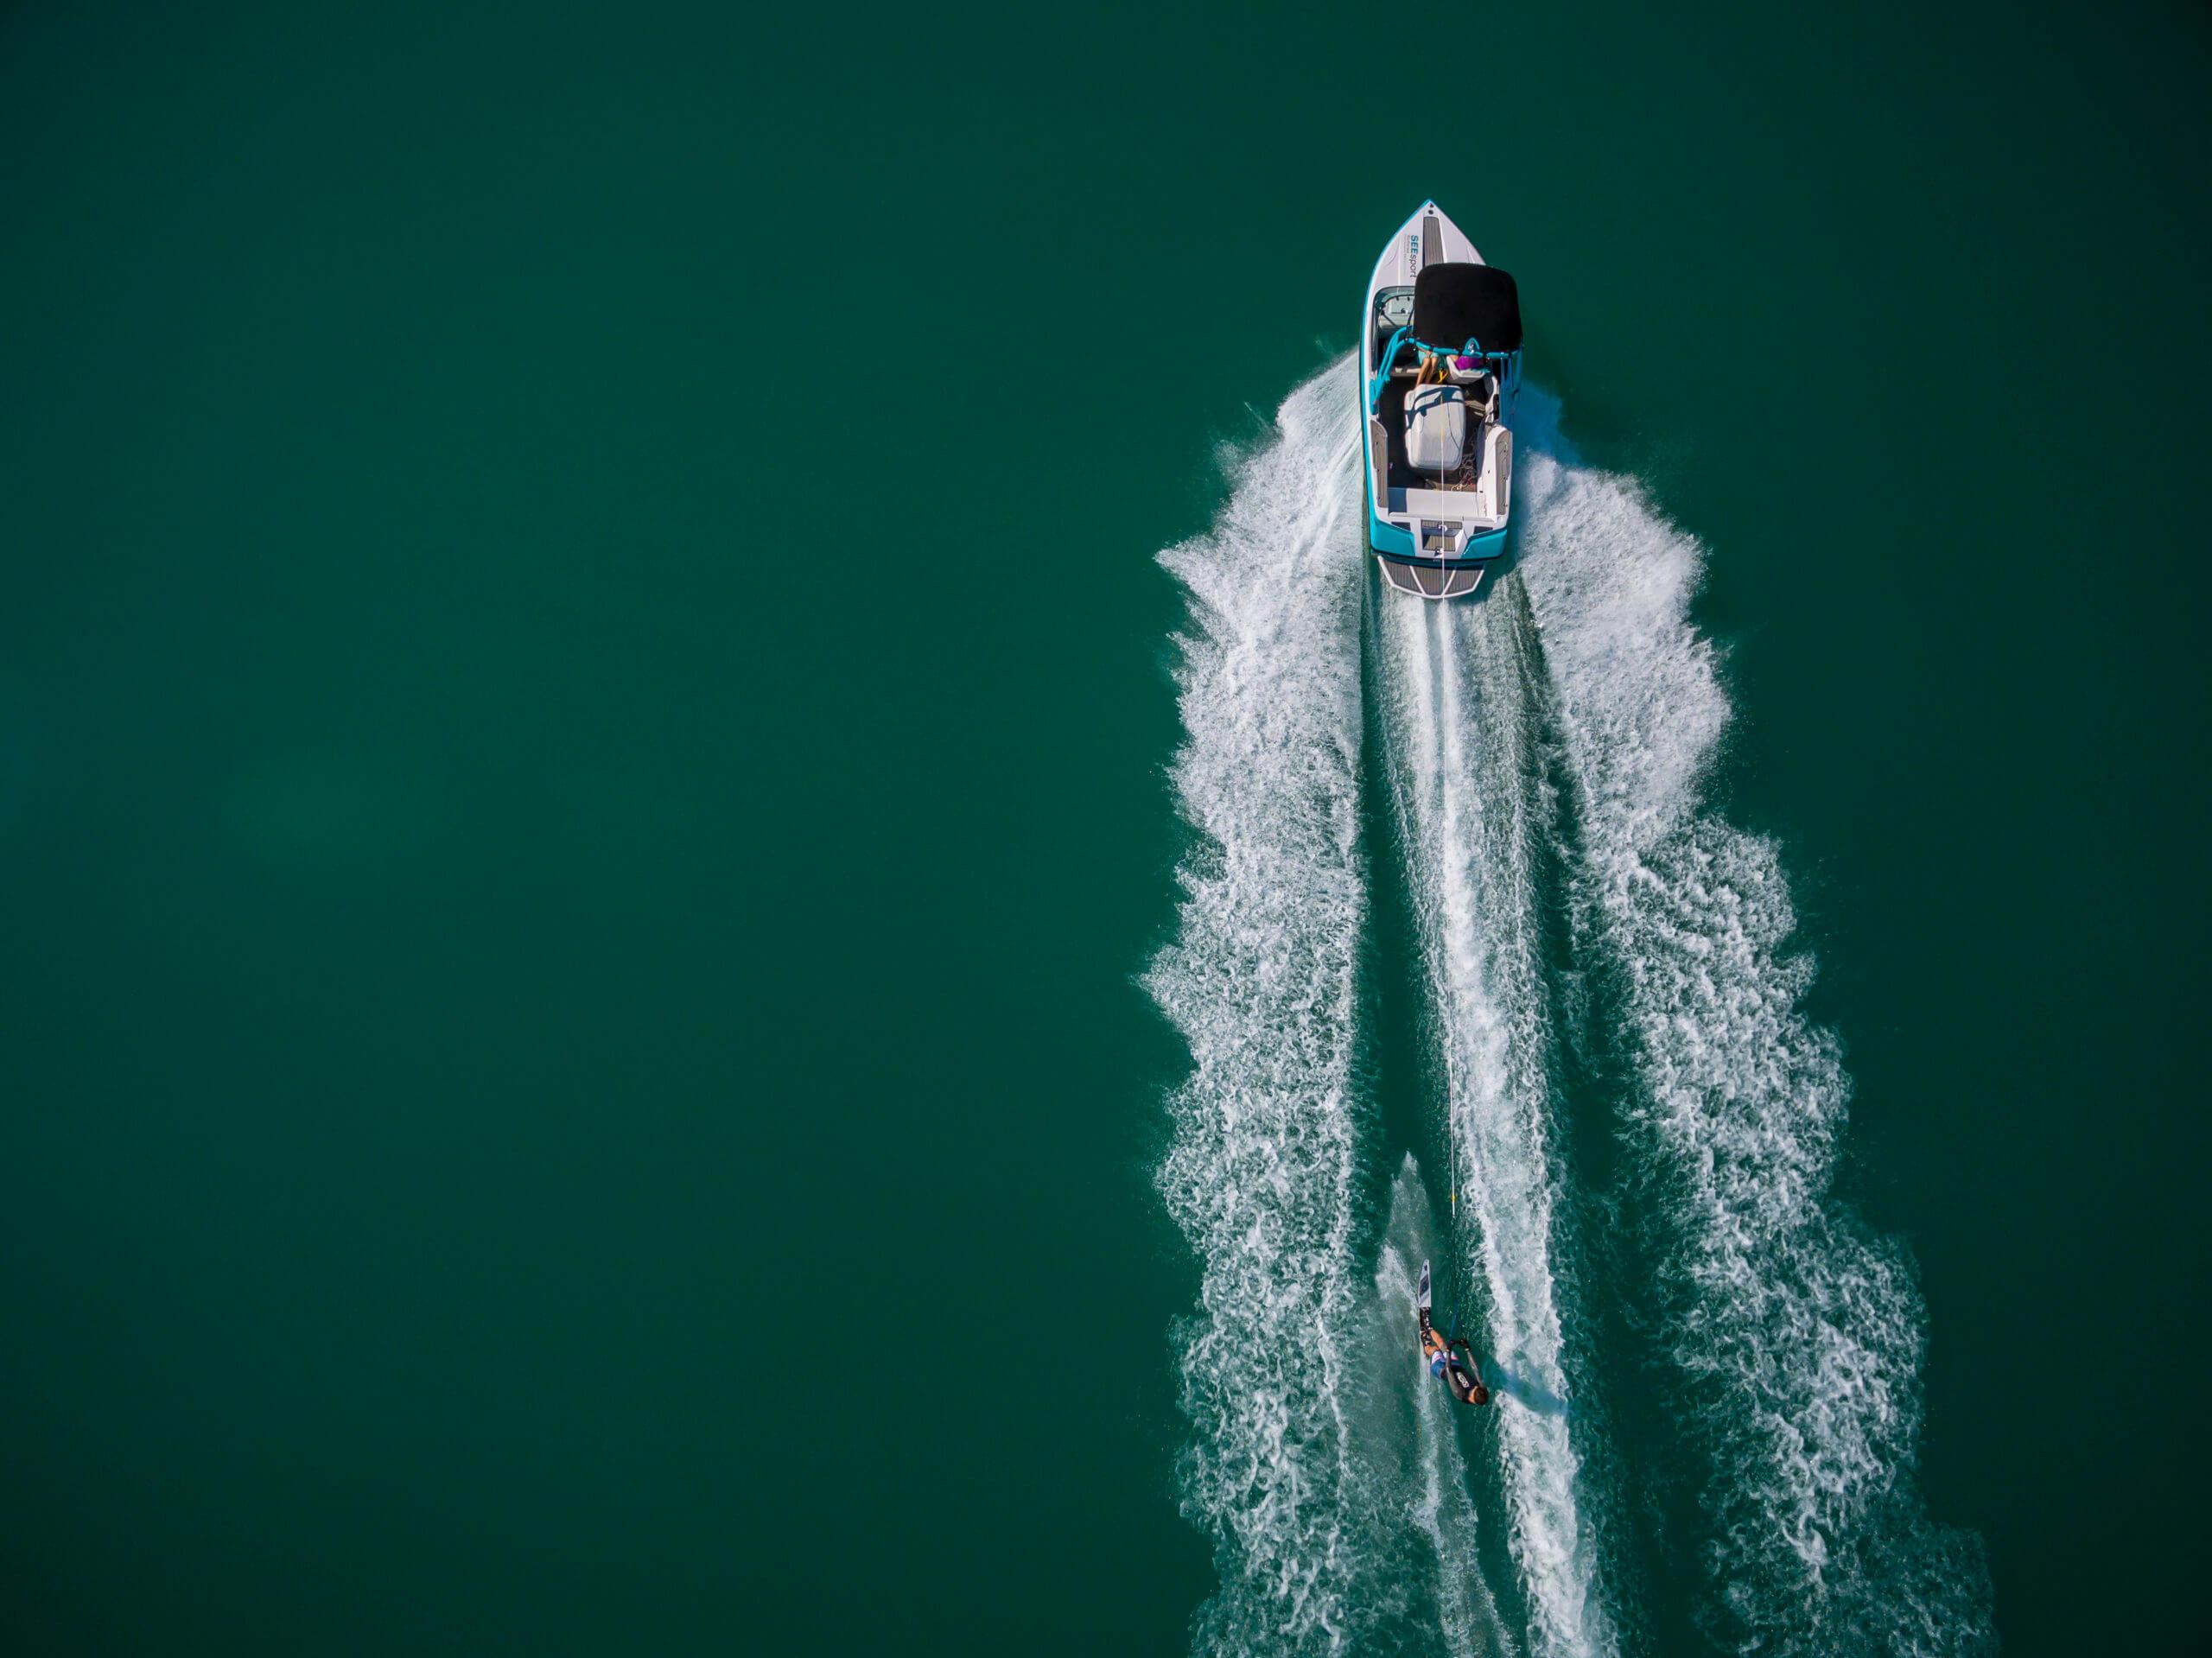 Drohnenbild des SEEsport Wörthersee Motorboots am türkisen Wörthersee